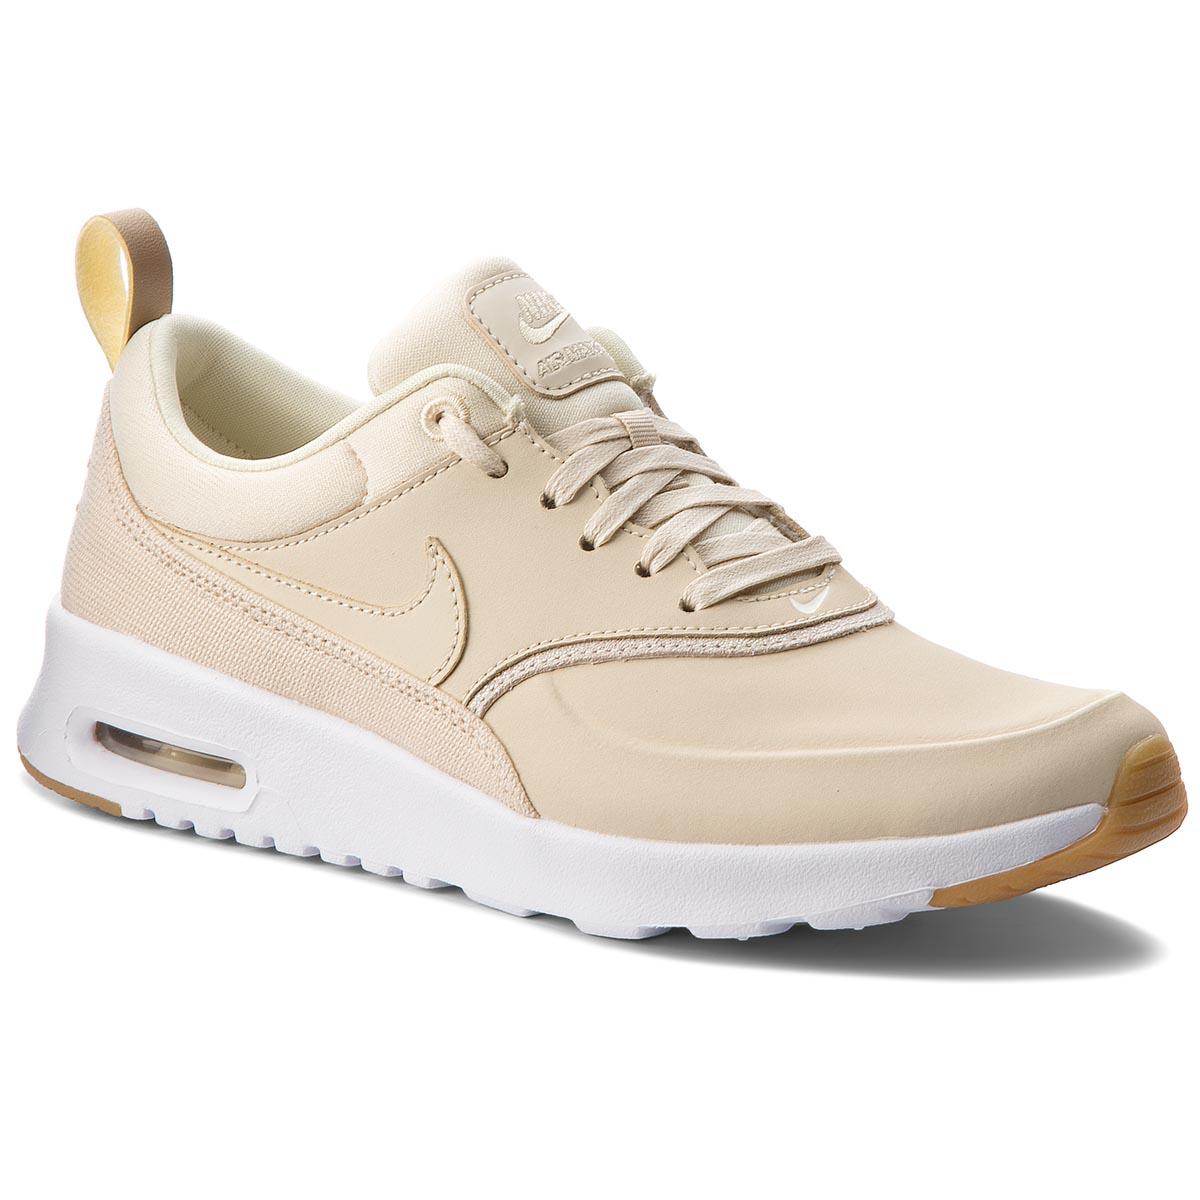 huge inventory 51b39 a9761 Shoes NIKE. Air Max 1 Premium 875844 004 Desert Sand Sand Sail